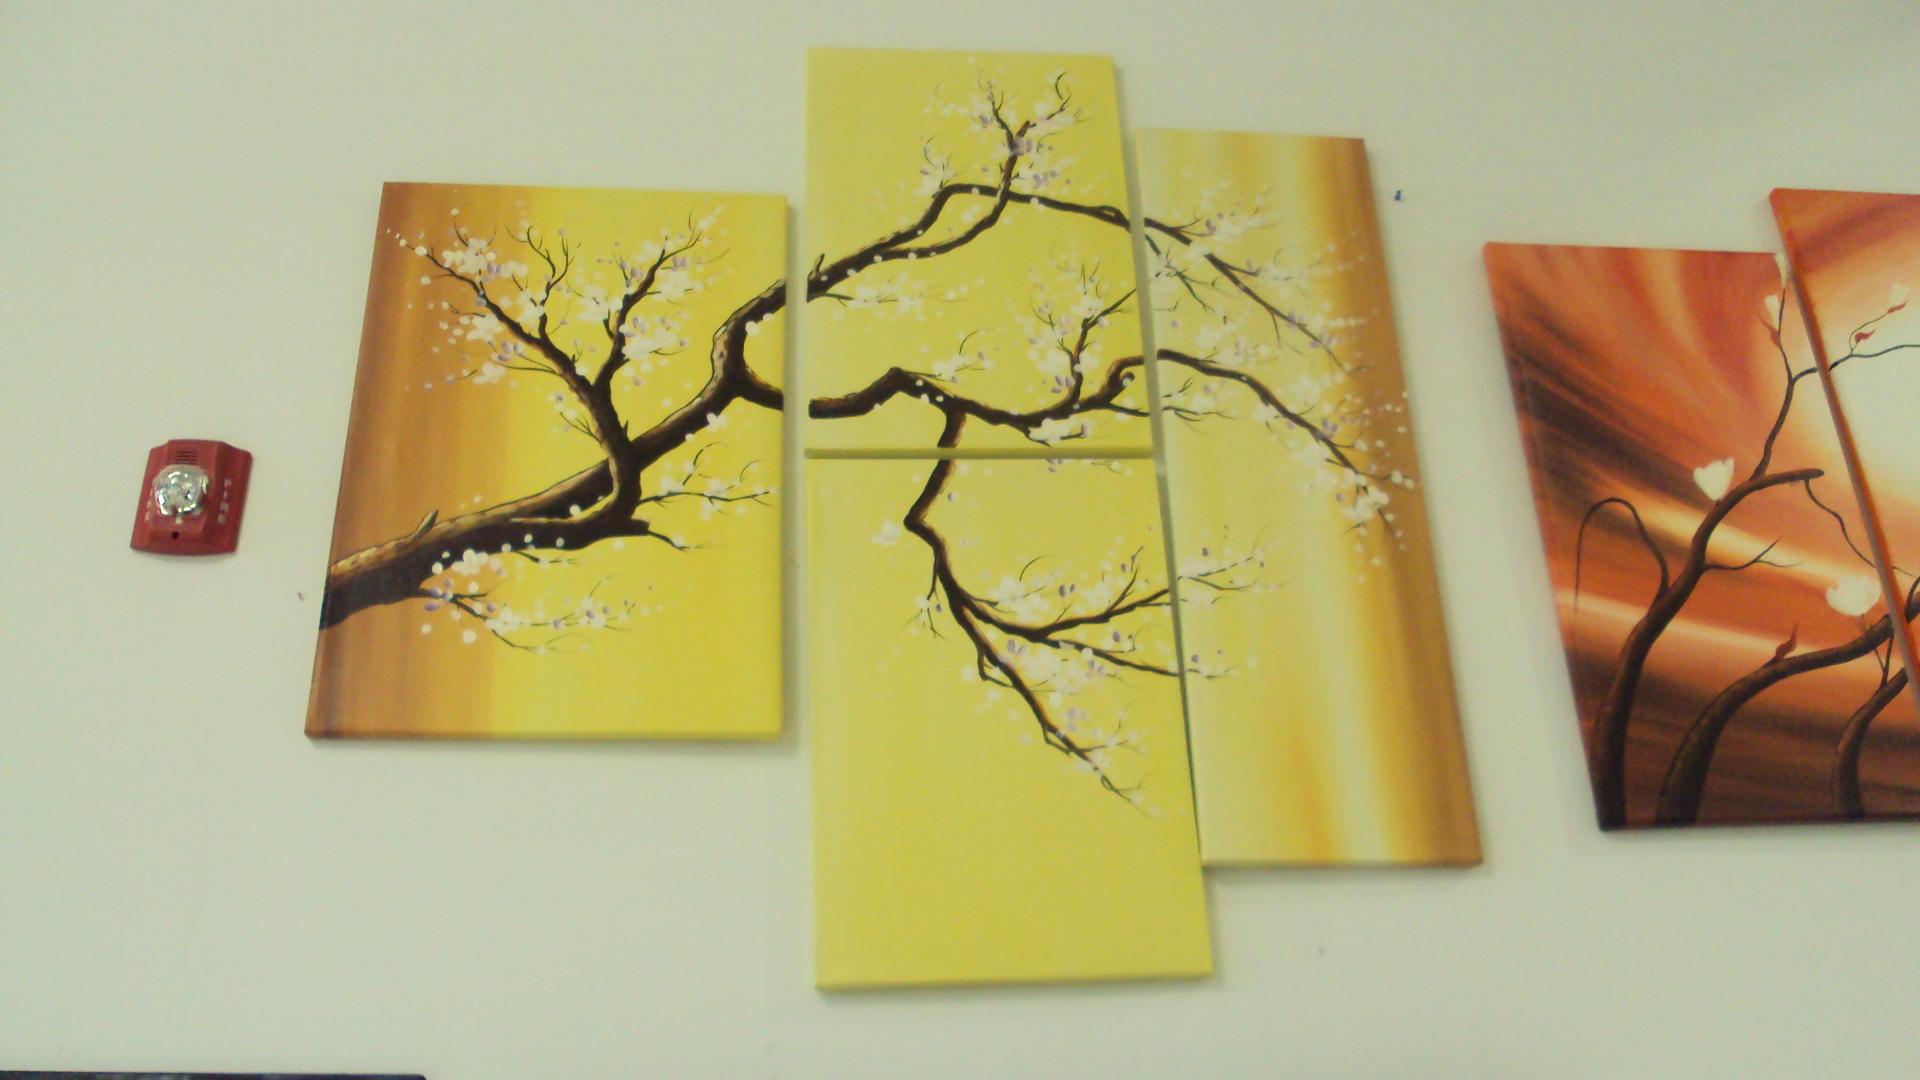 b21afd93e1ff49e5be03_1c8e8b7c0bcb9a661efecc246eecb427quad-painting--3-.jpg